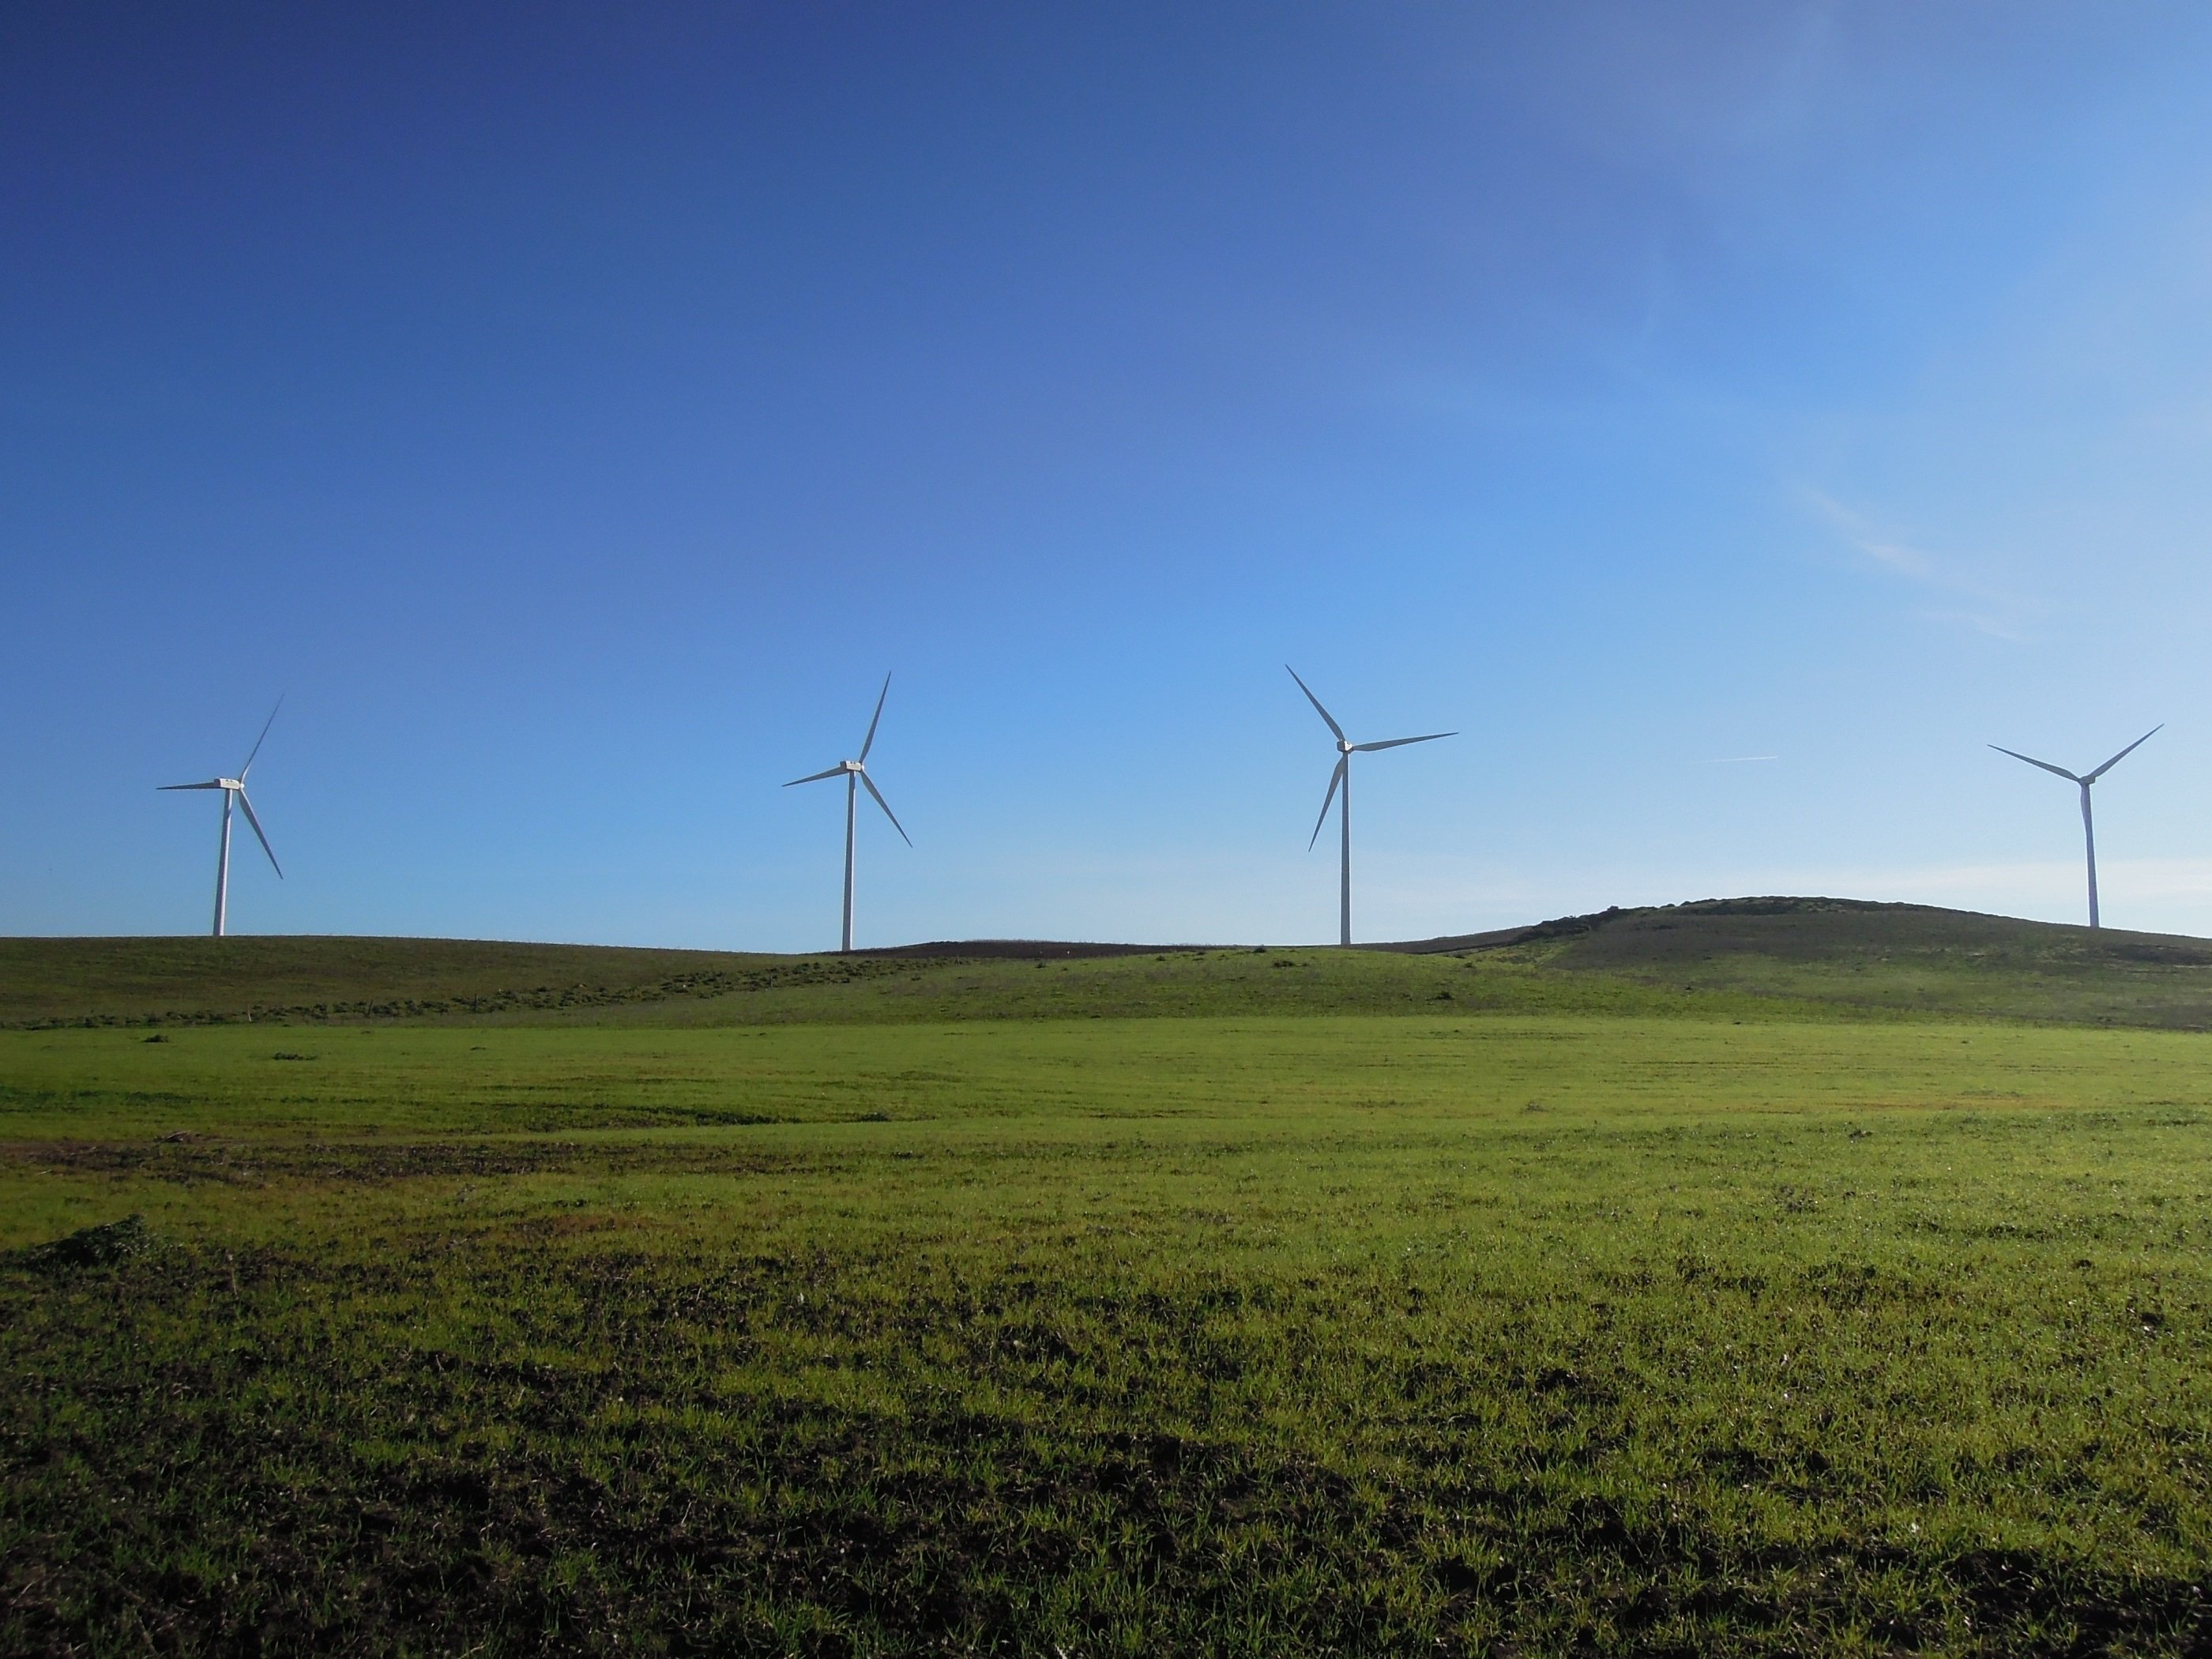 energies renovables molins vent-europa press